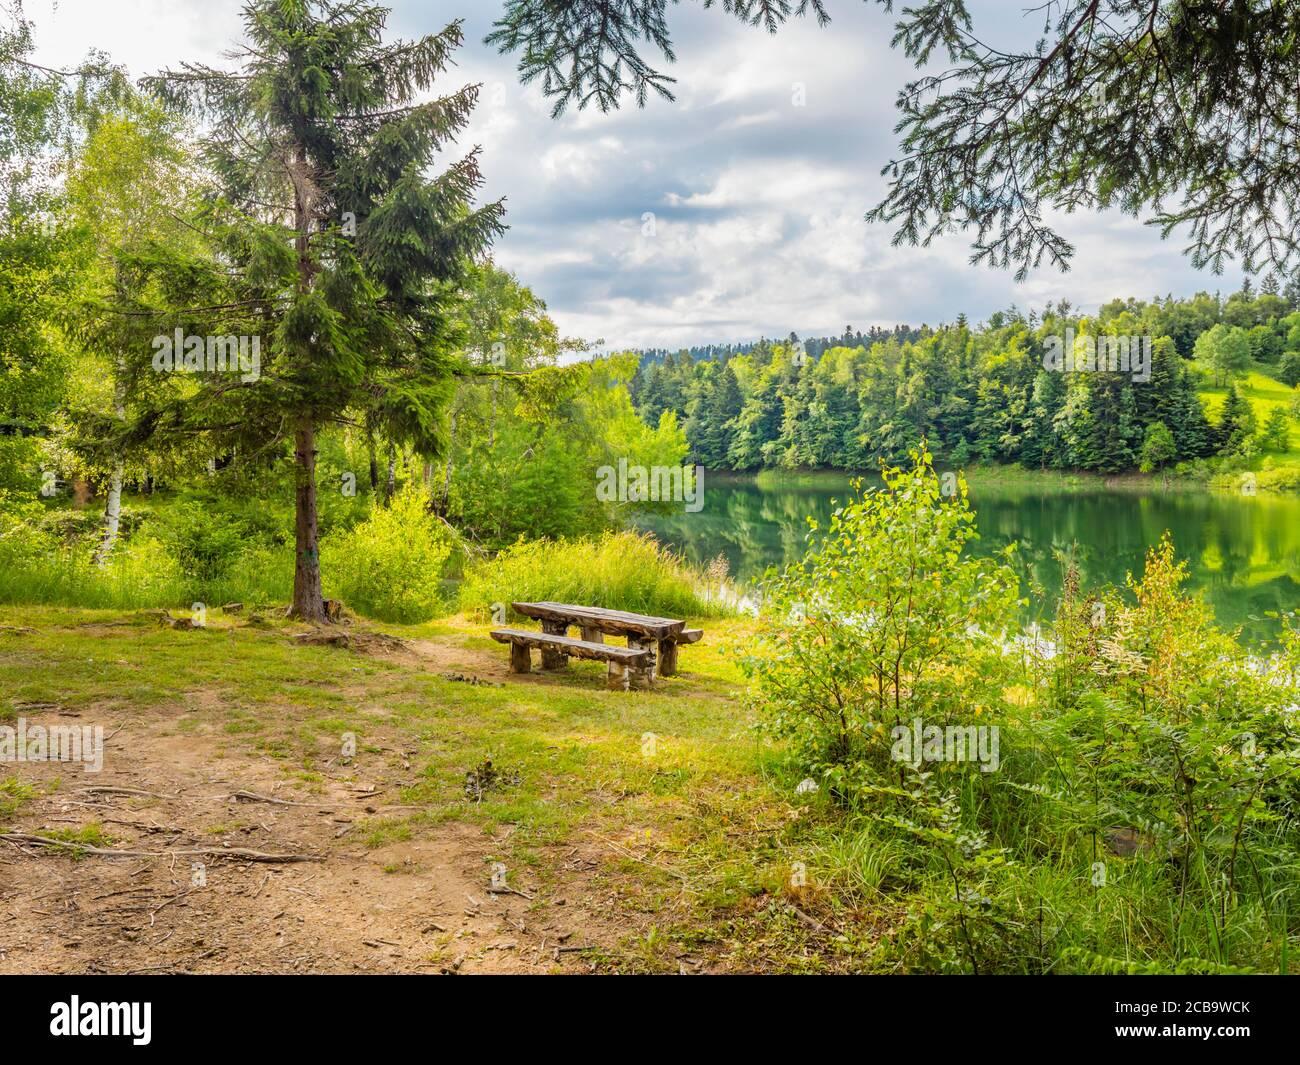 Fantásticas vistas vista Verde bosque bastante hermoso naturaleza natural preservada Ambiente Temporada de primavera en el lago Mrzla vodica en Croacia Europa Foto de stock